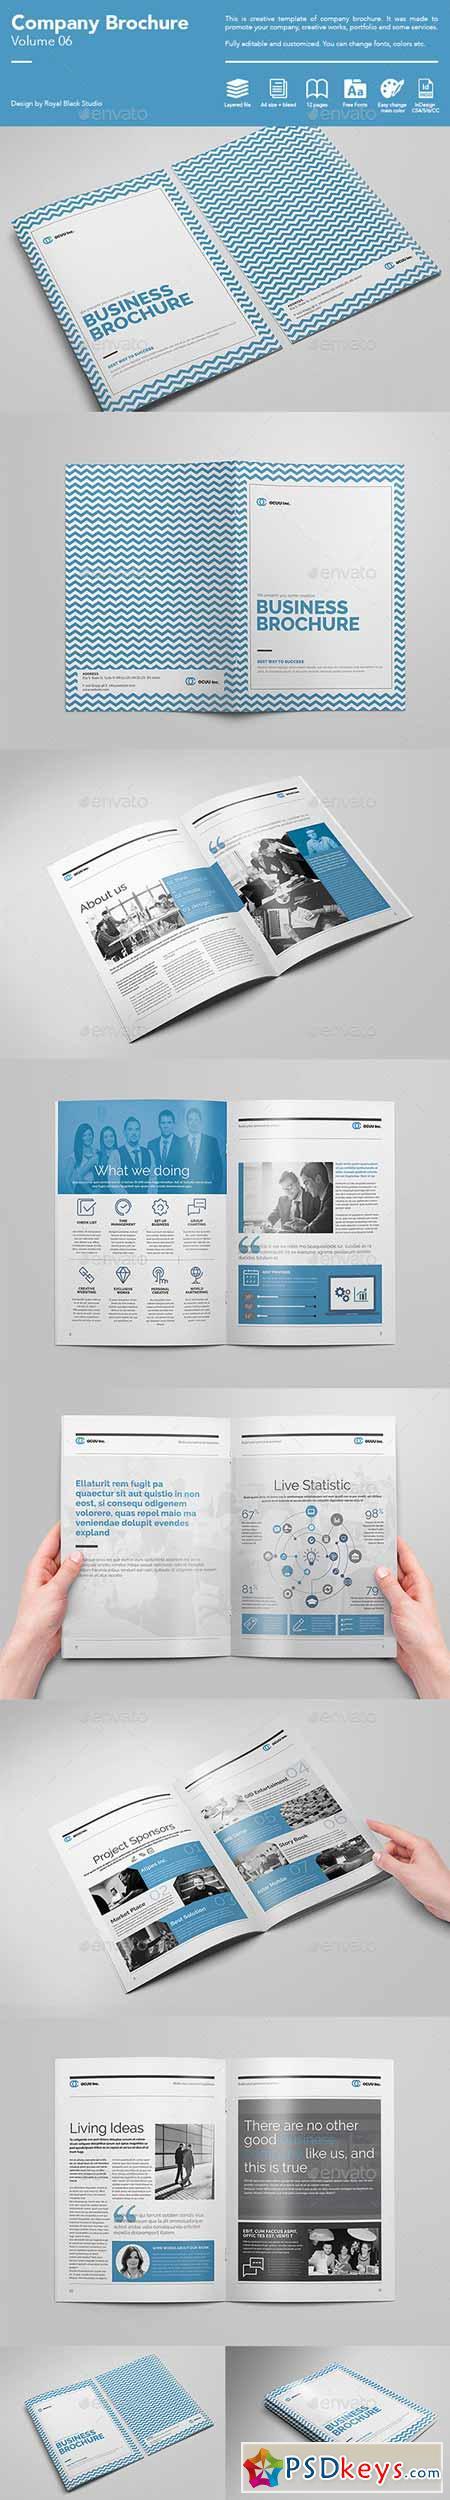 Company Brochure Vol.6 11767247